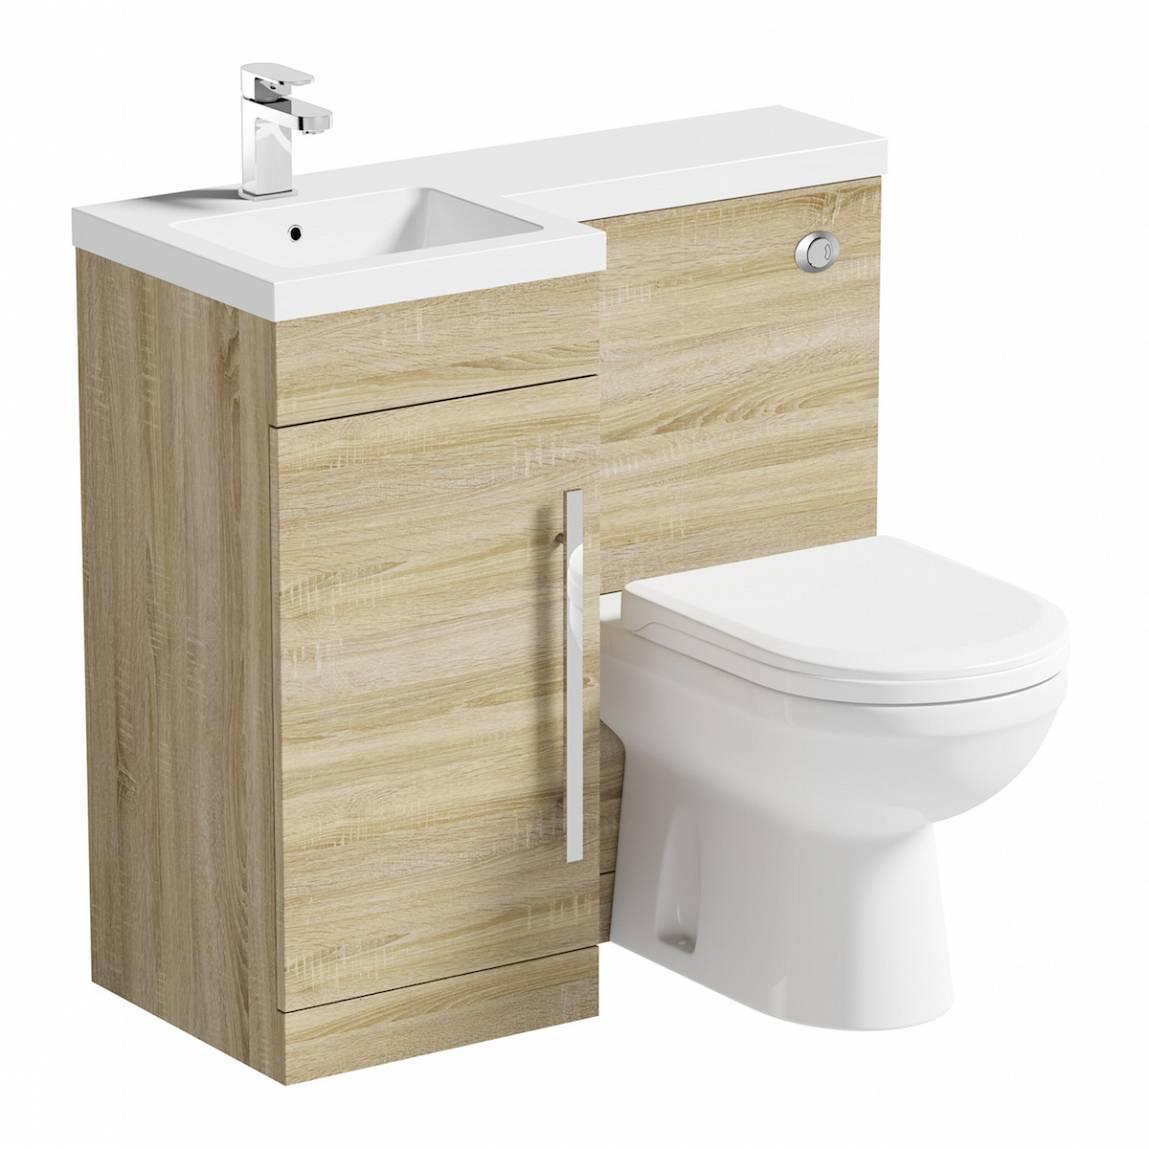 Image of MySpace Oak Combination Unit LH with Autograph BTW Toilet